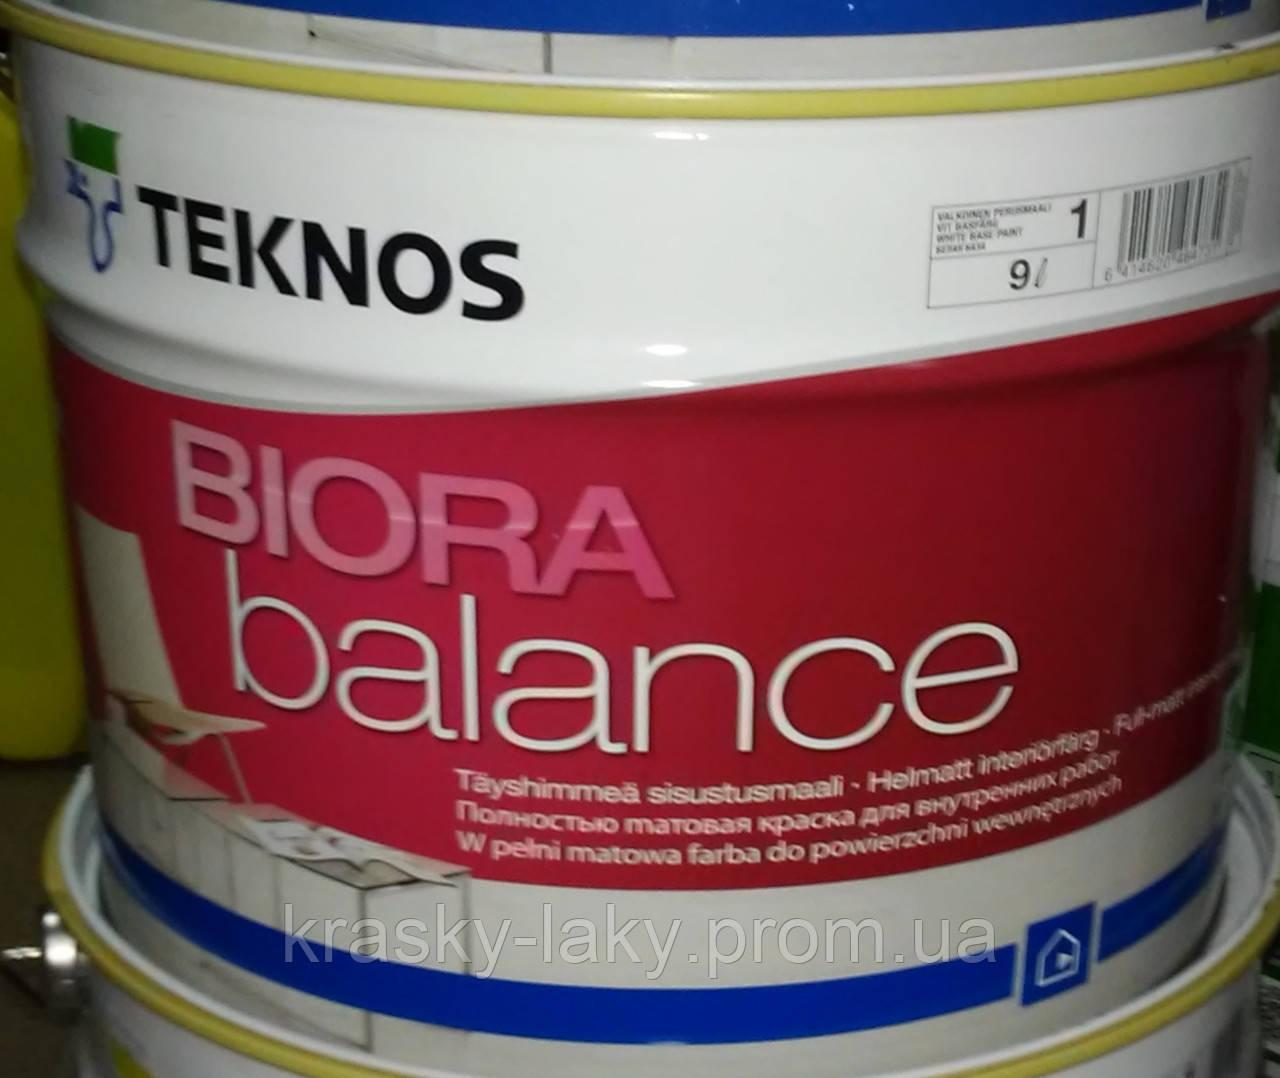 Краска Biora Balance Teknos Биора Баланс стойкая матовая, 0.9л.